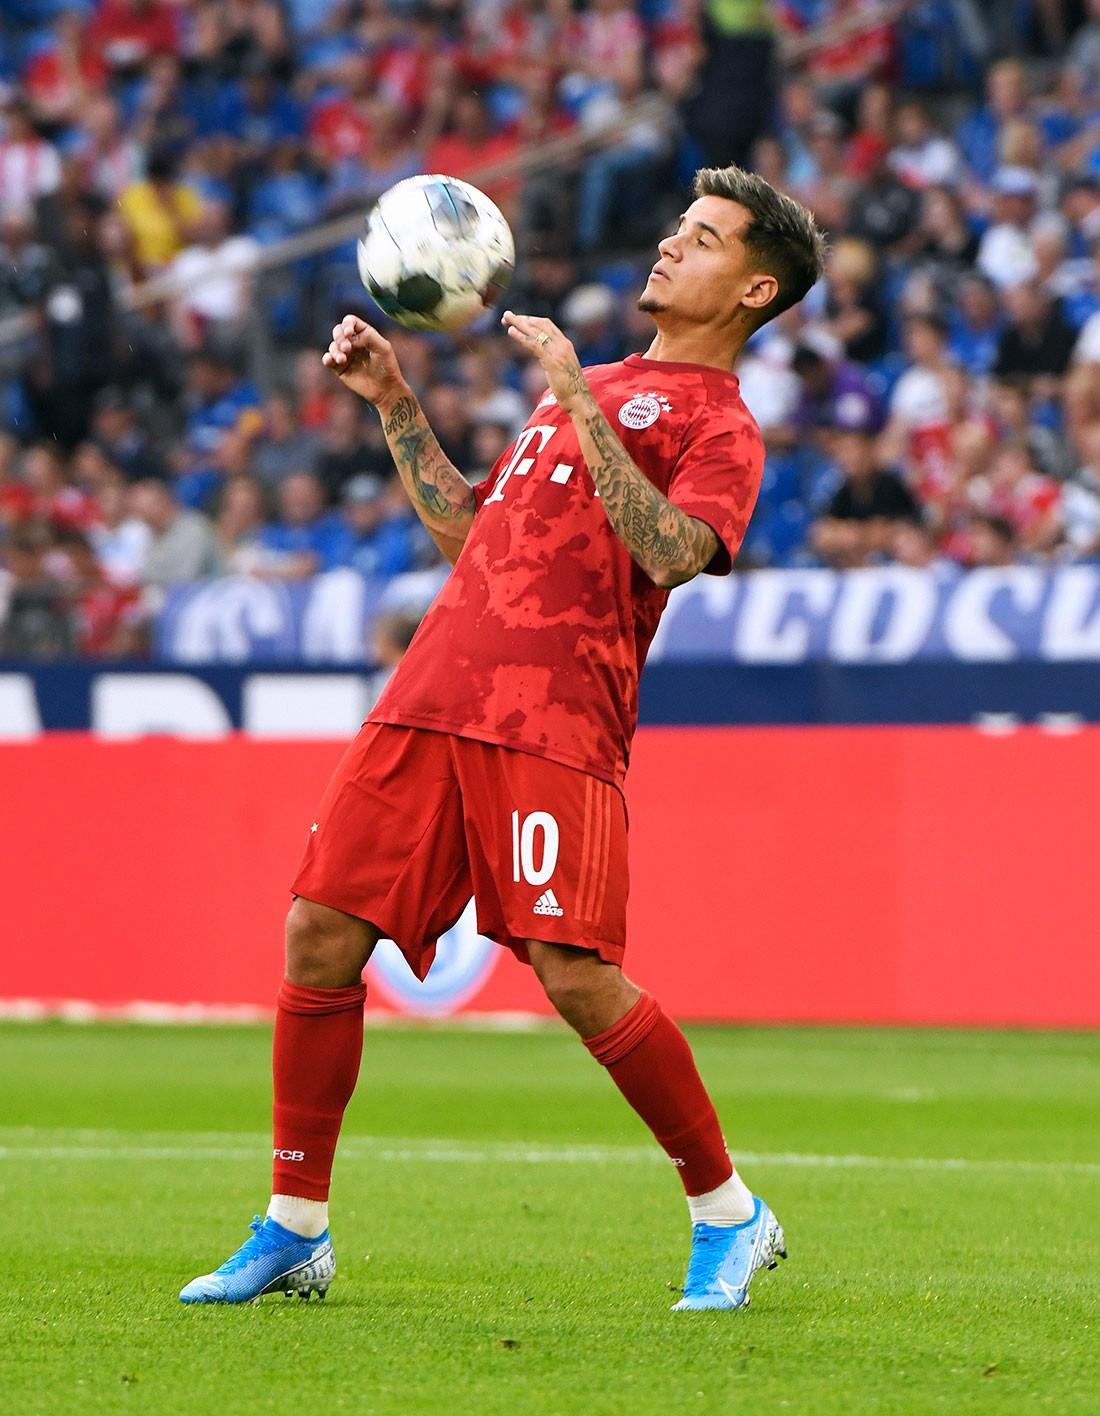 """الإعارة """"مستقبل كرة القدم"""".. والدليل صيف 2019"""